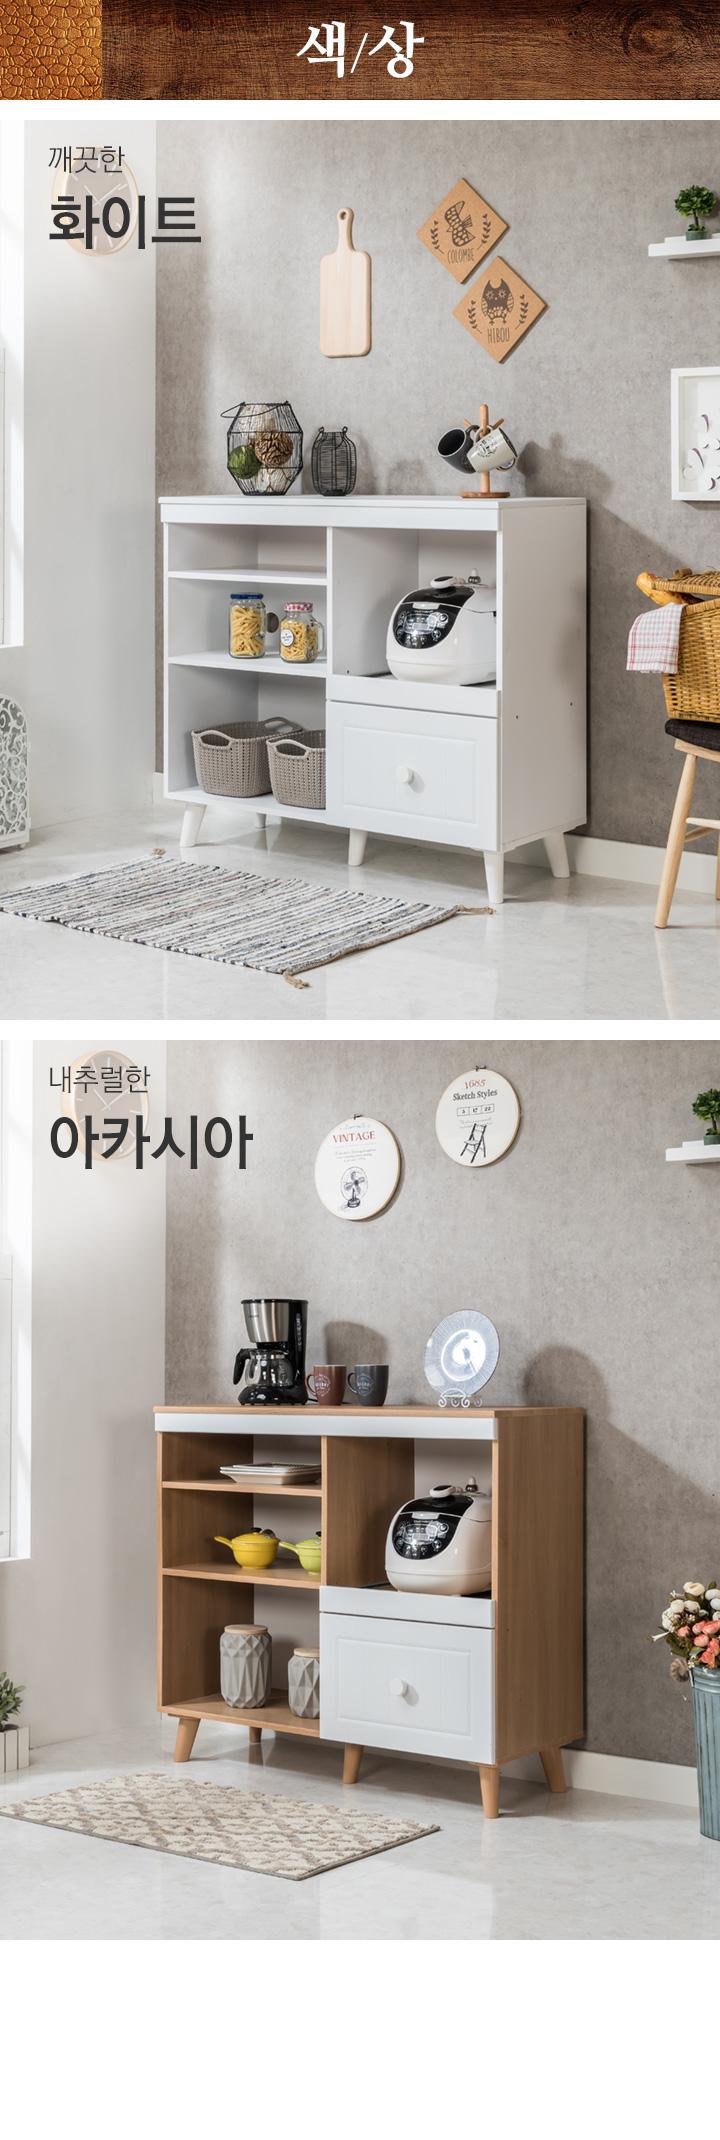 미미로 렌지대 - 로쏘, 239,900원, 전자레인지대, 전자레인지대